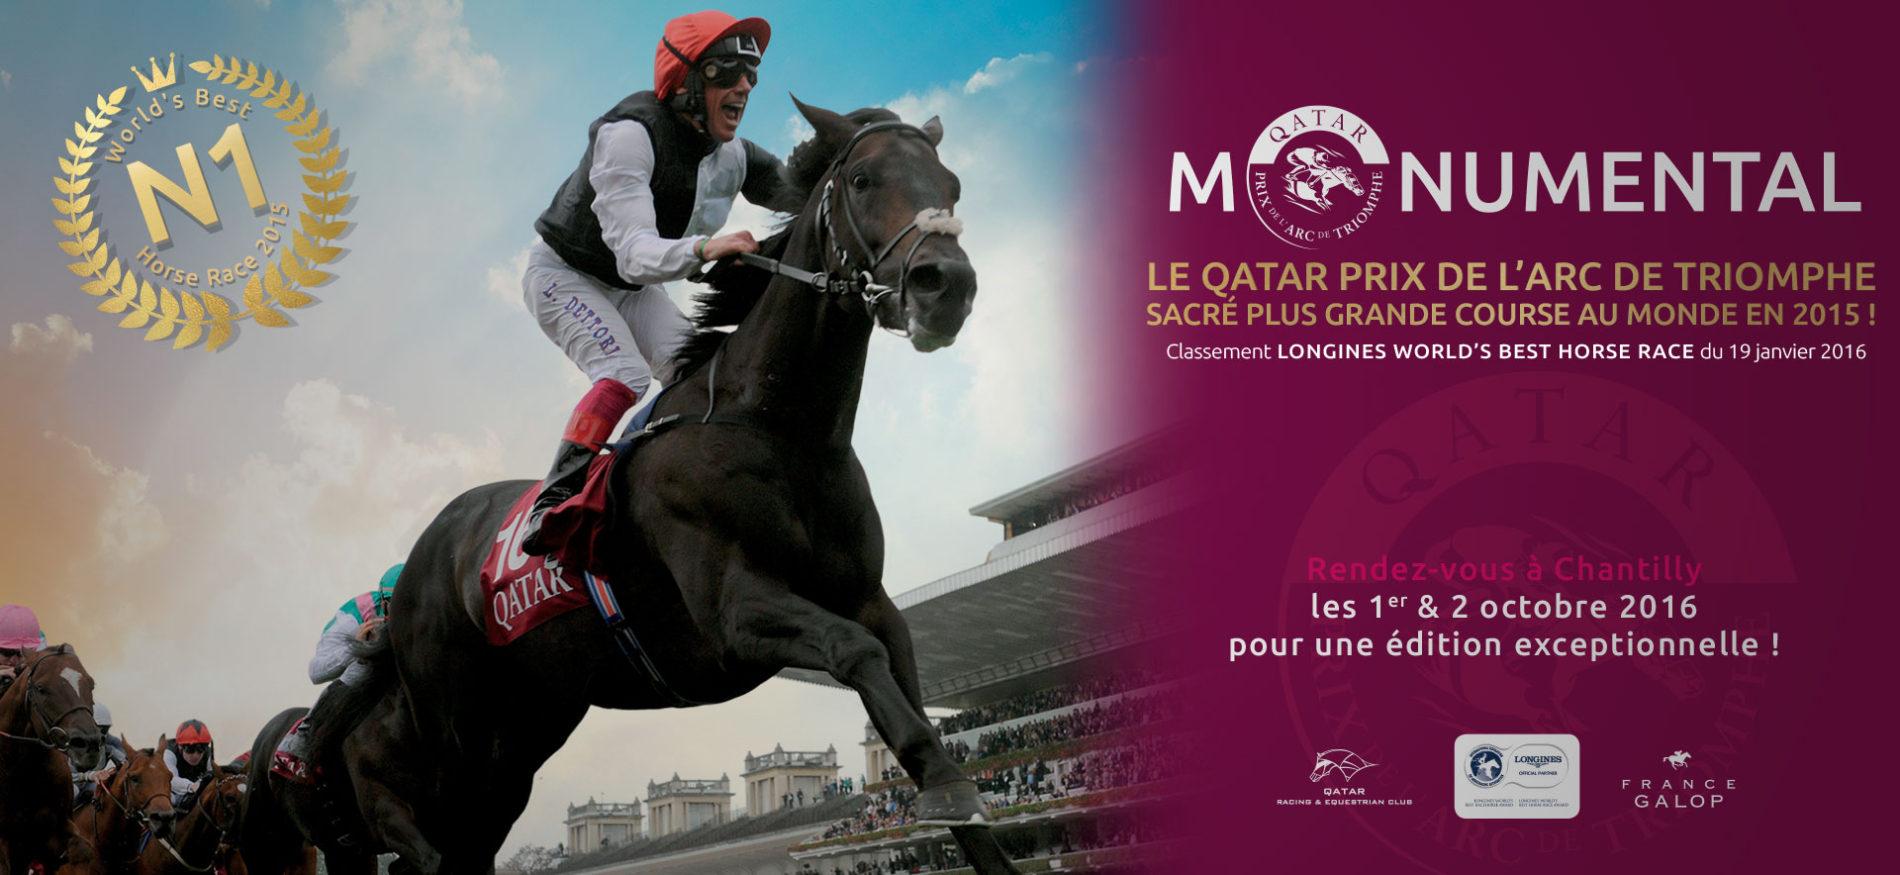 Prochaine Edition du Prix du Qatar Arc de Triomphe à Chantilly